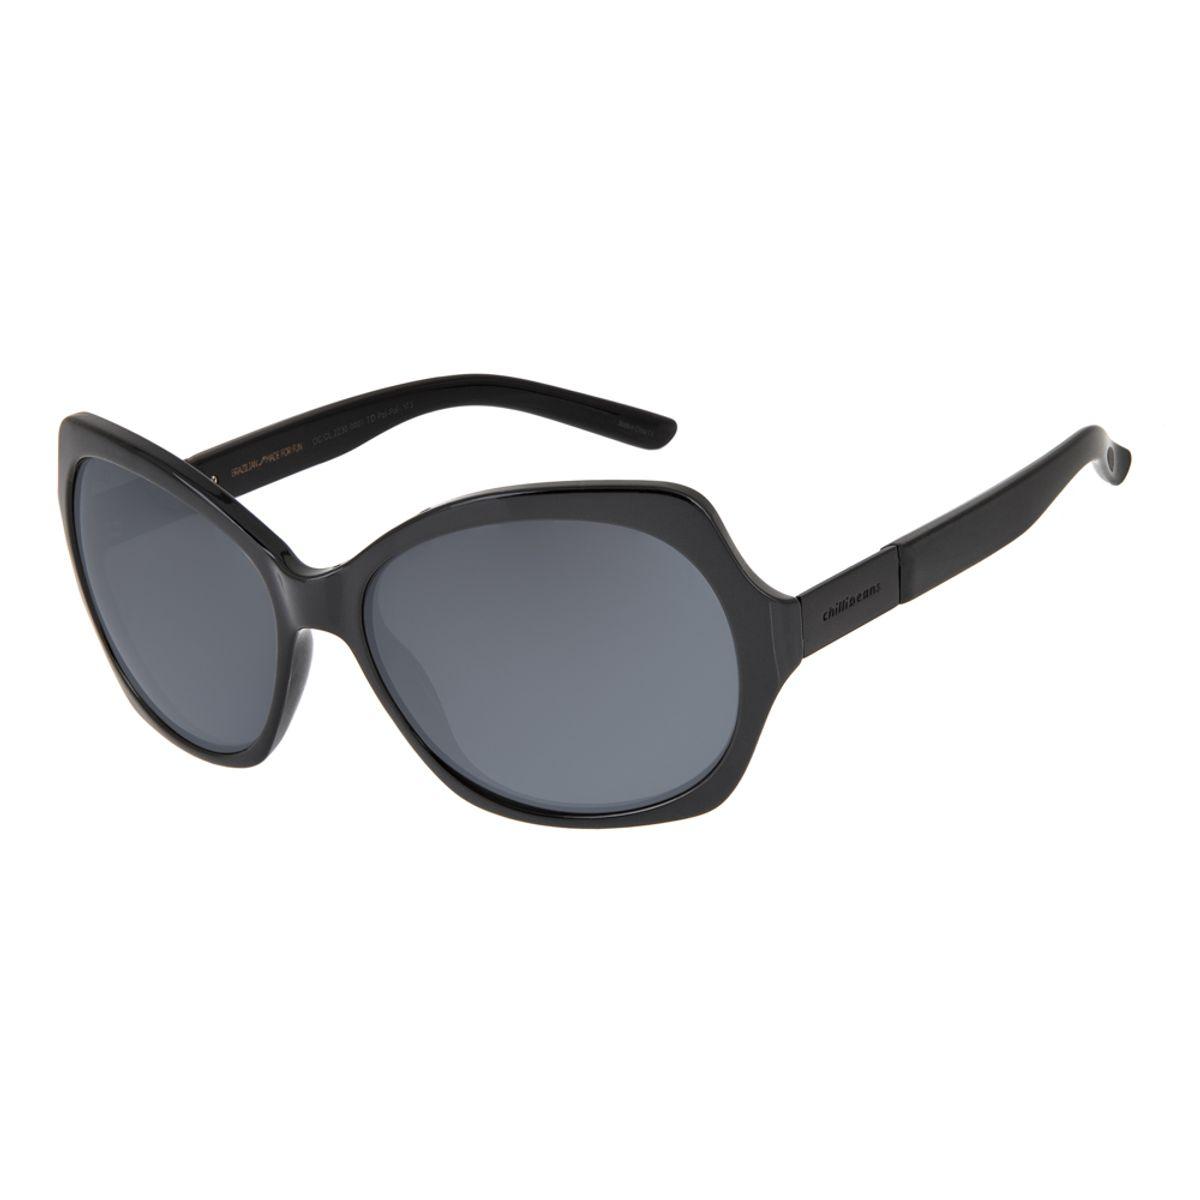 393c684312234 Óculos de Sol Chilli Beans Feminino Curvas Polarizado Preto - Chilli ...